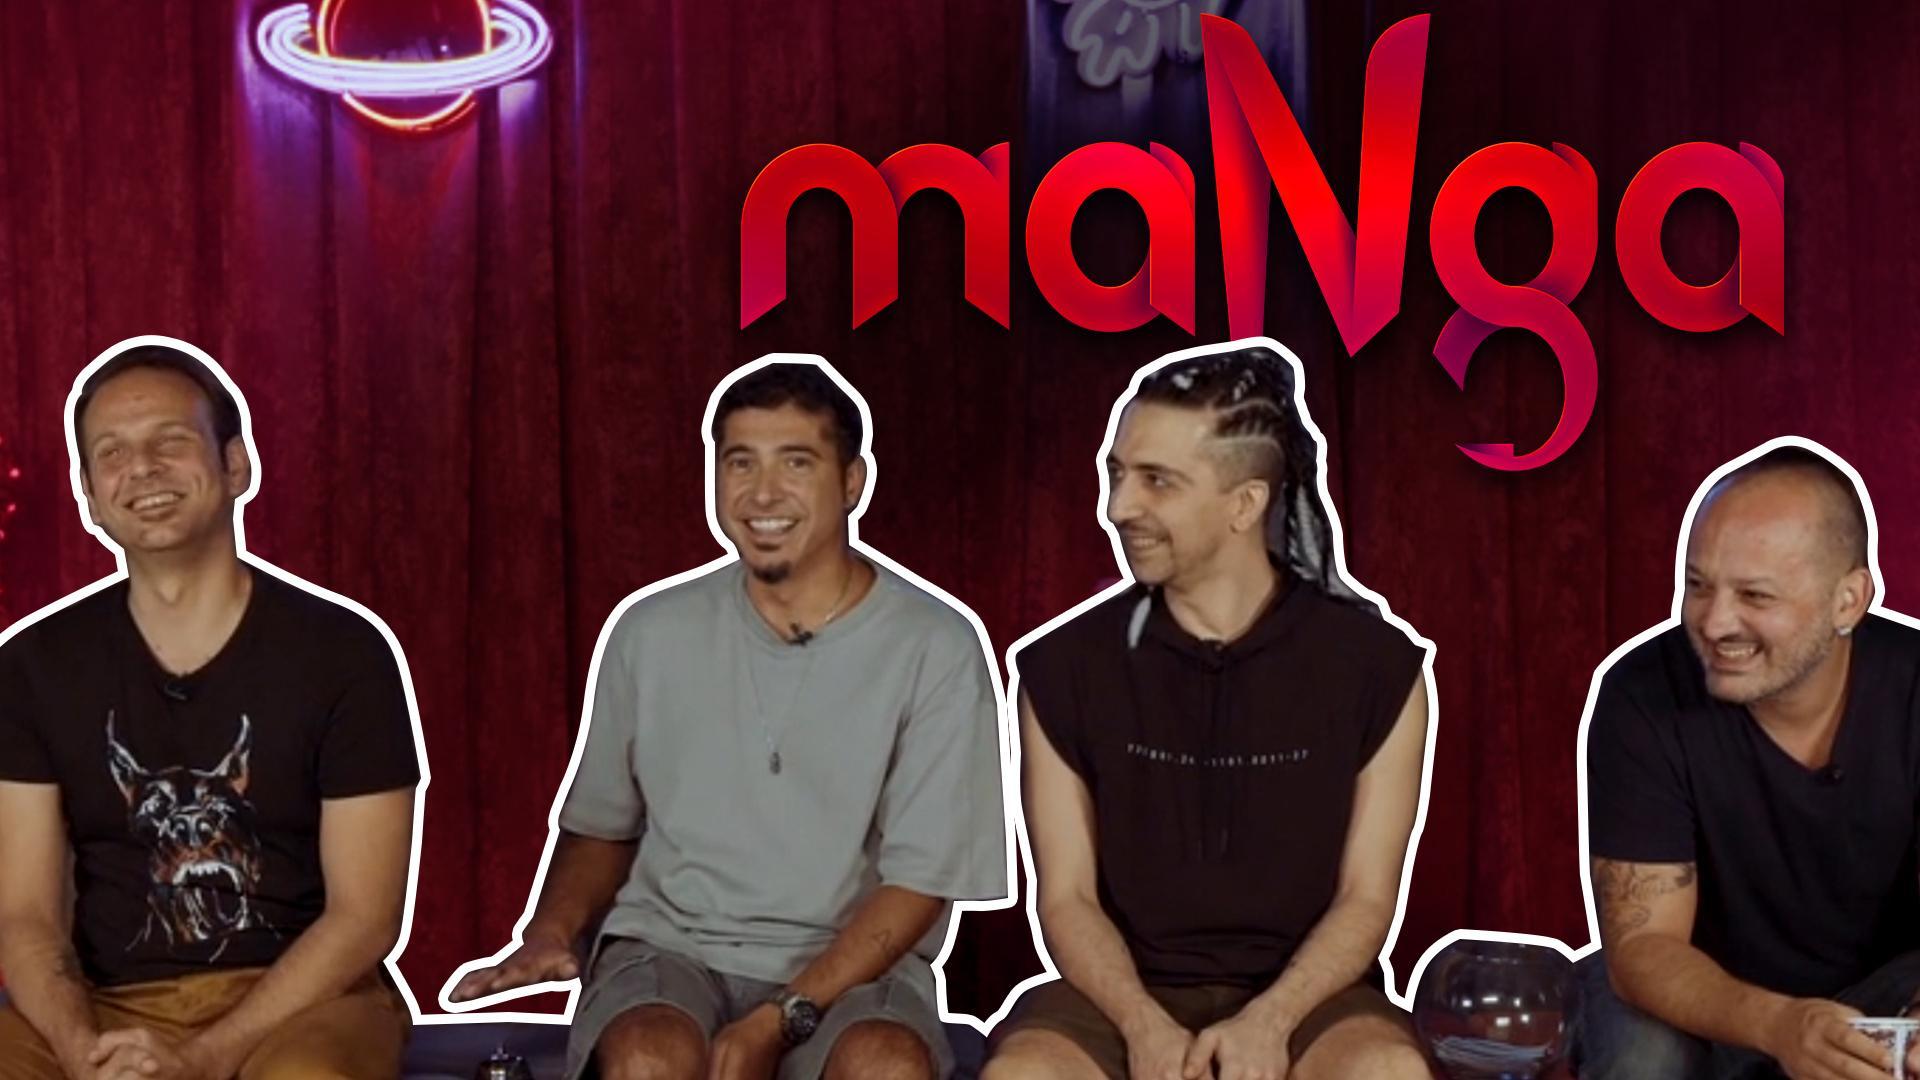 MaNga Sosyal Medyadan Gelen Soruları Yanıtlıyor!